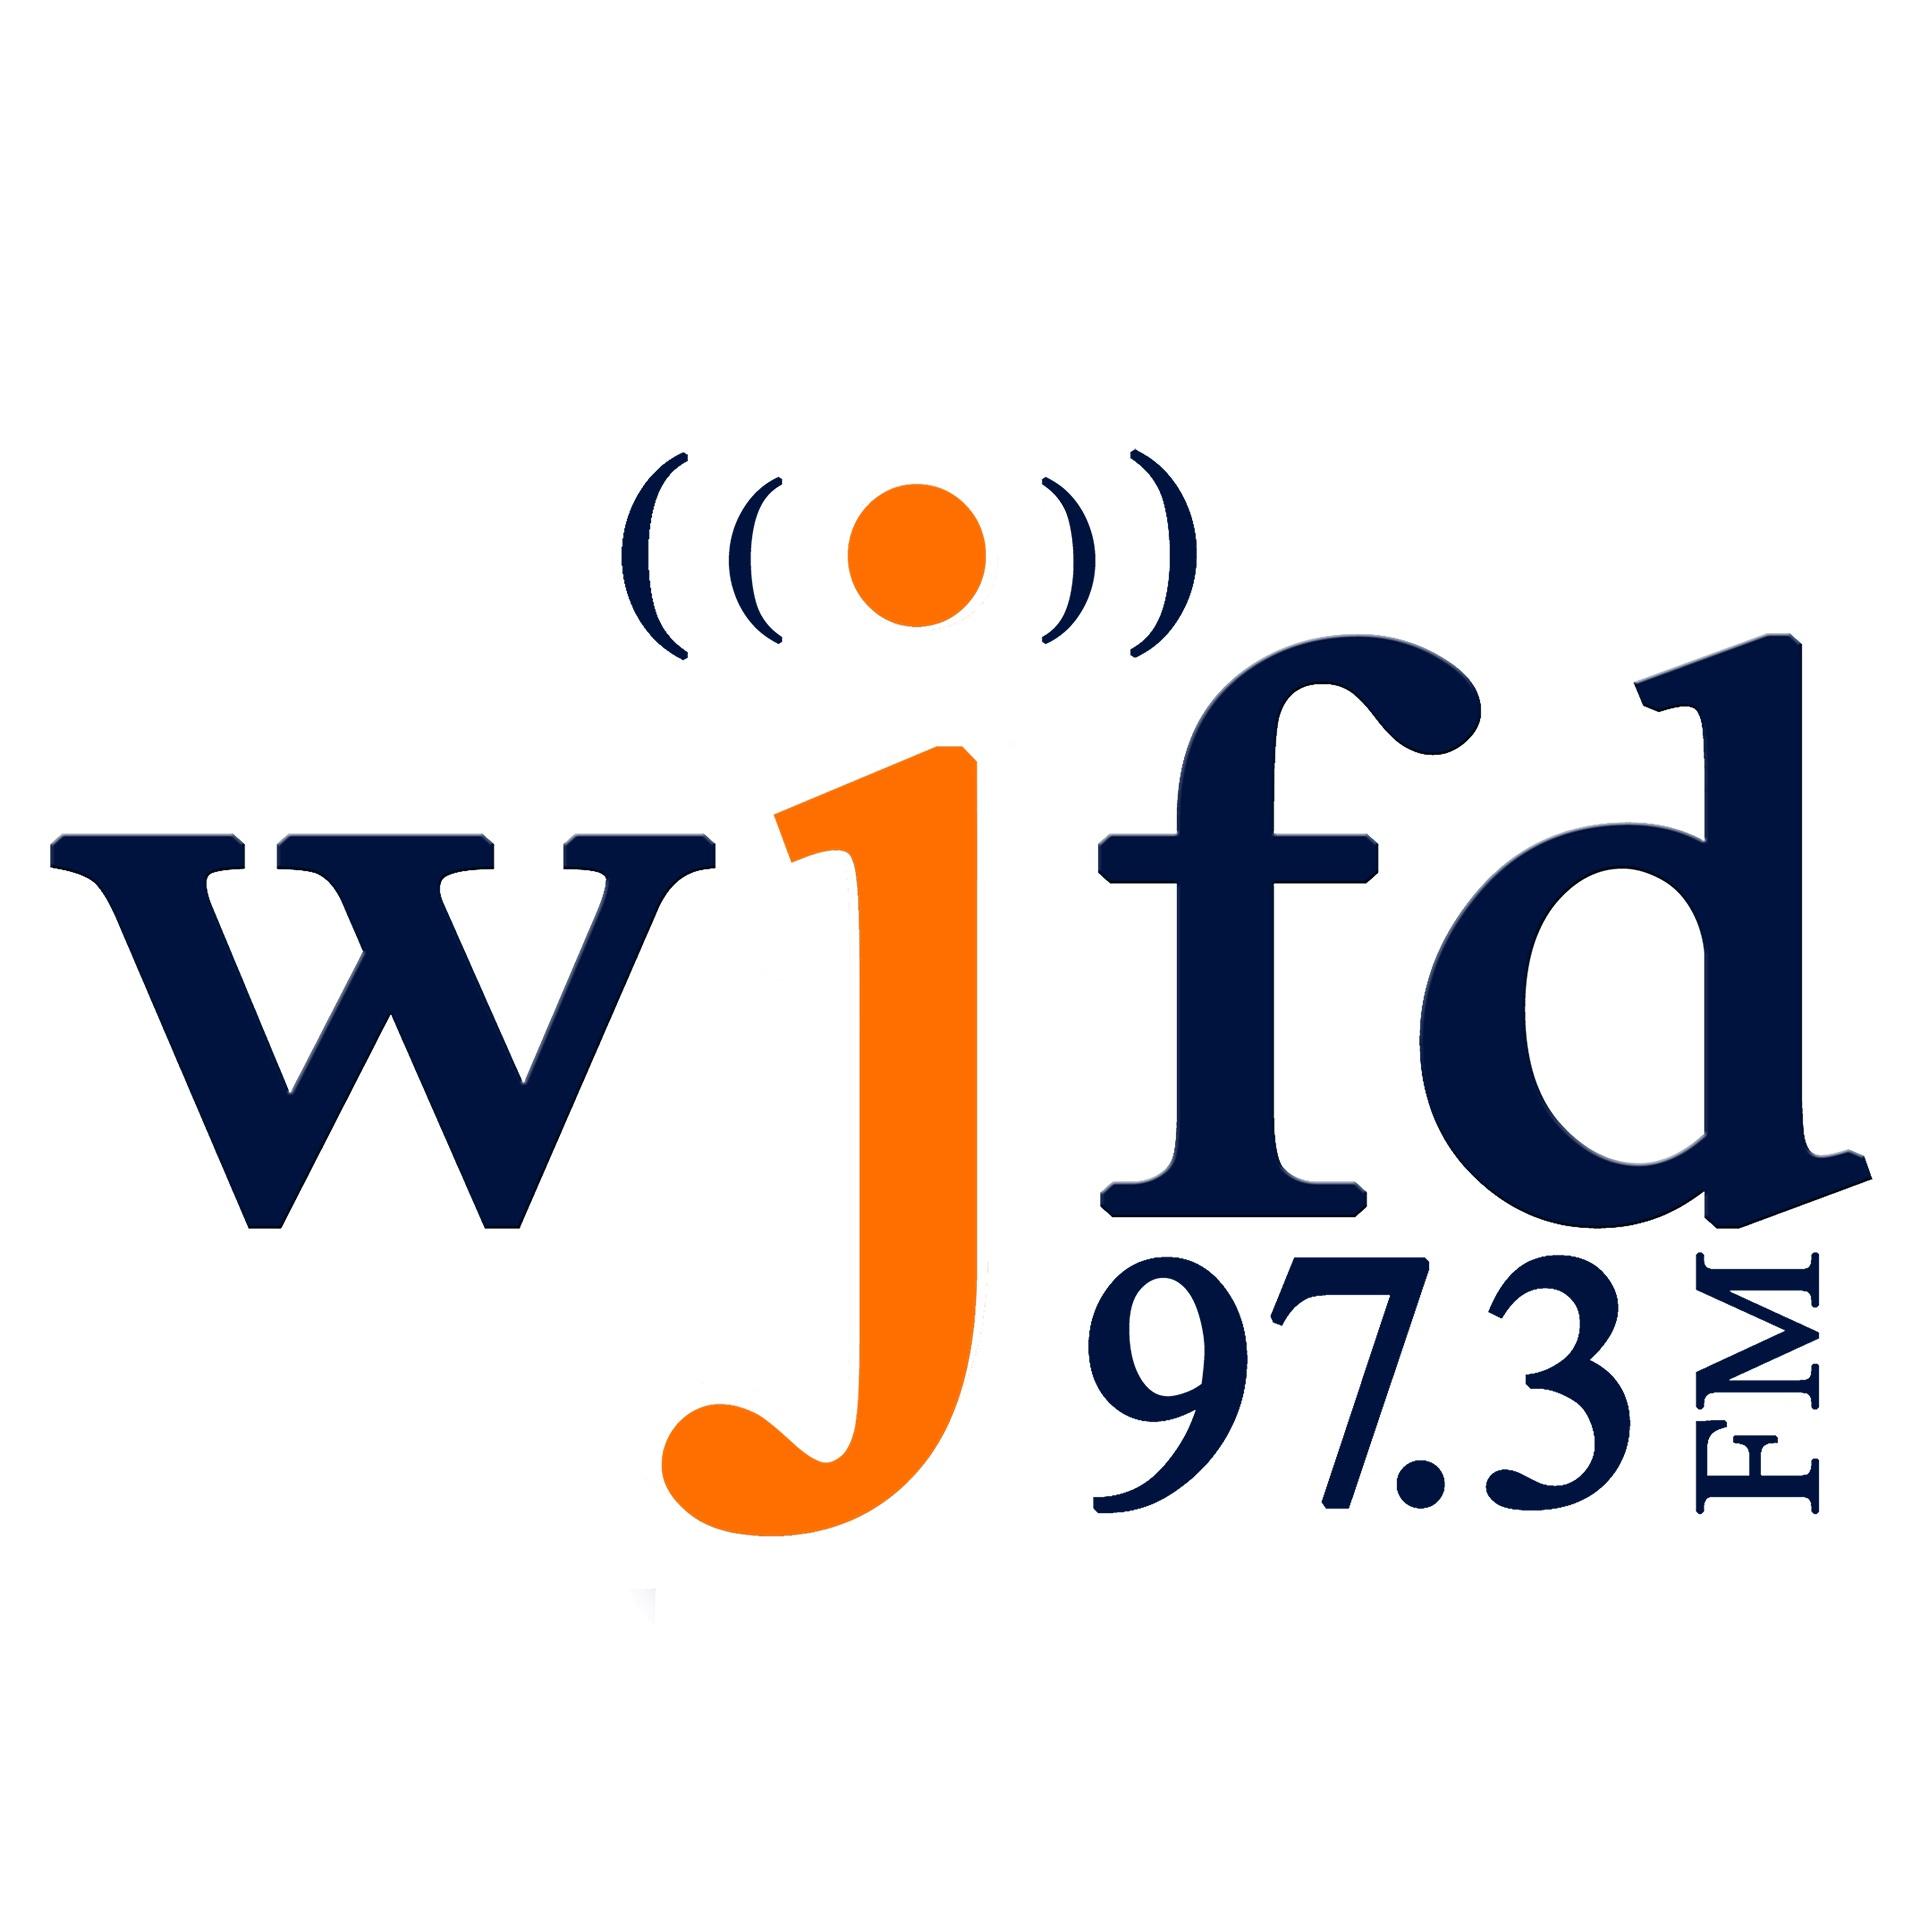 WJFD 97.3 FM (LIVE)